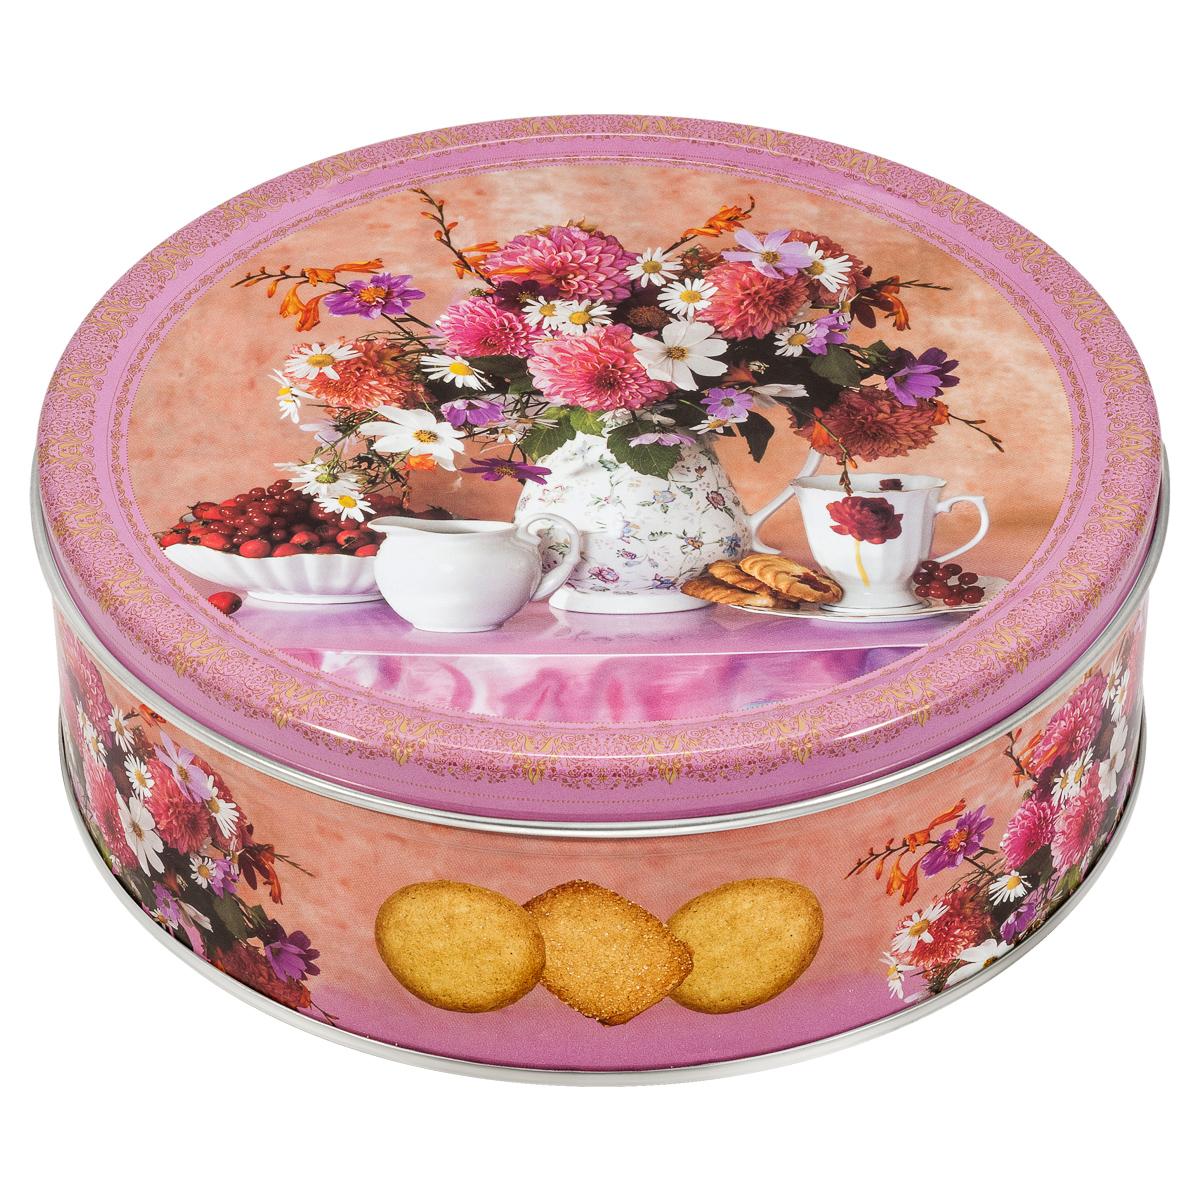 Monte Christo Чайная коллекция печенье с кокосовой стружкой, в ассортименте, 400 г сладкая сказка печенье дед мороз и снегурочка 400 г